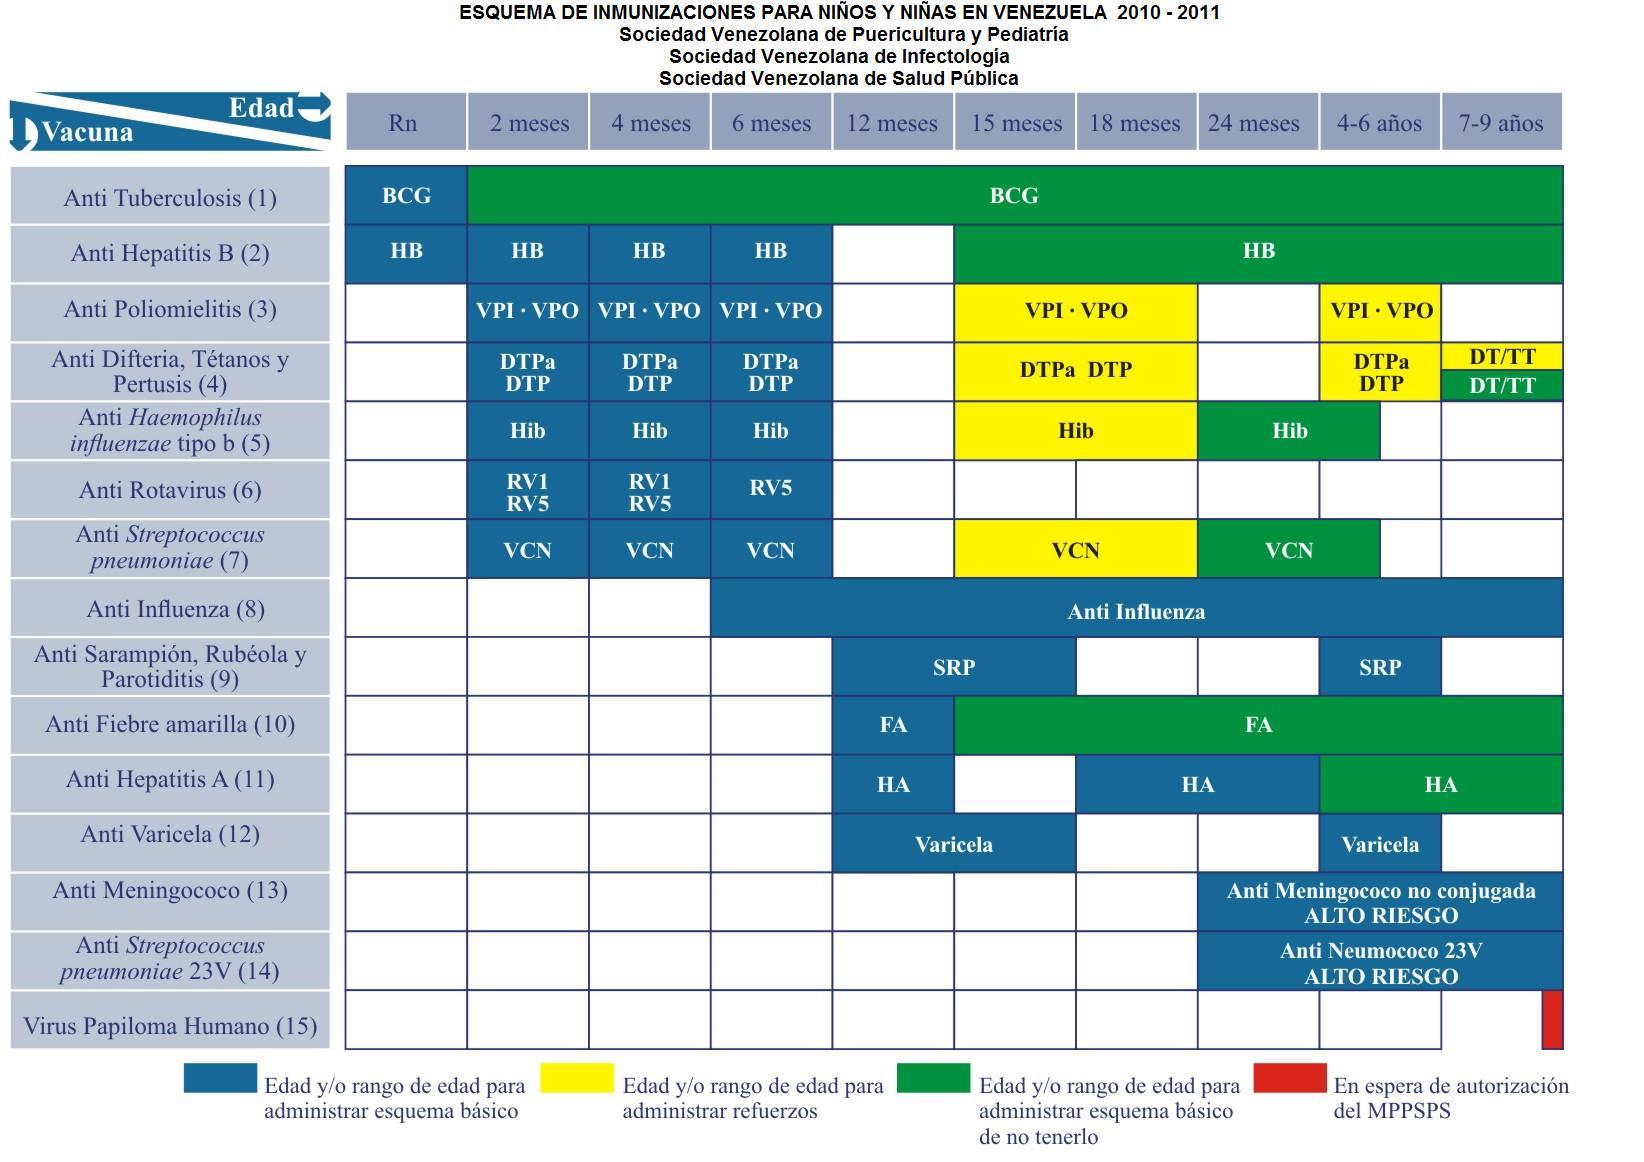 Esquema de inmunizaciones para niños y niñas en Venezuela 2010-2011 ...